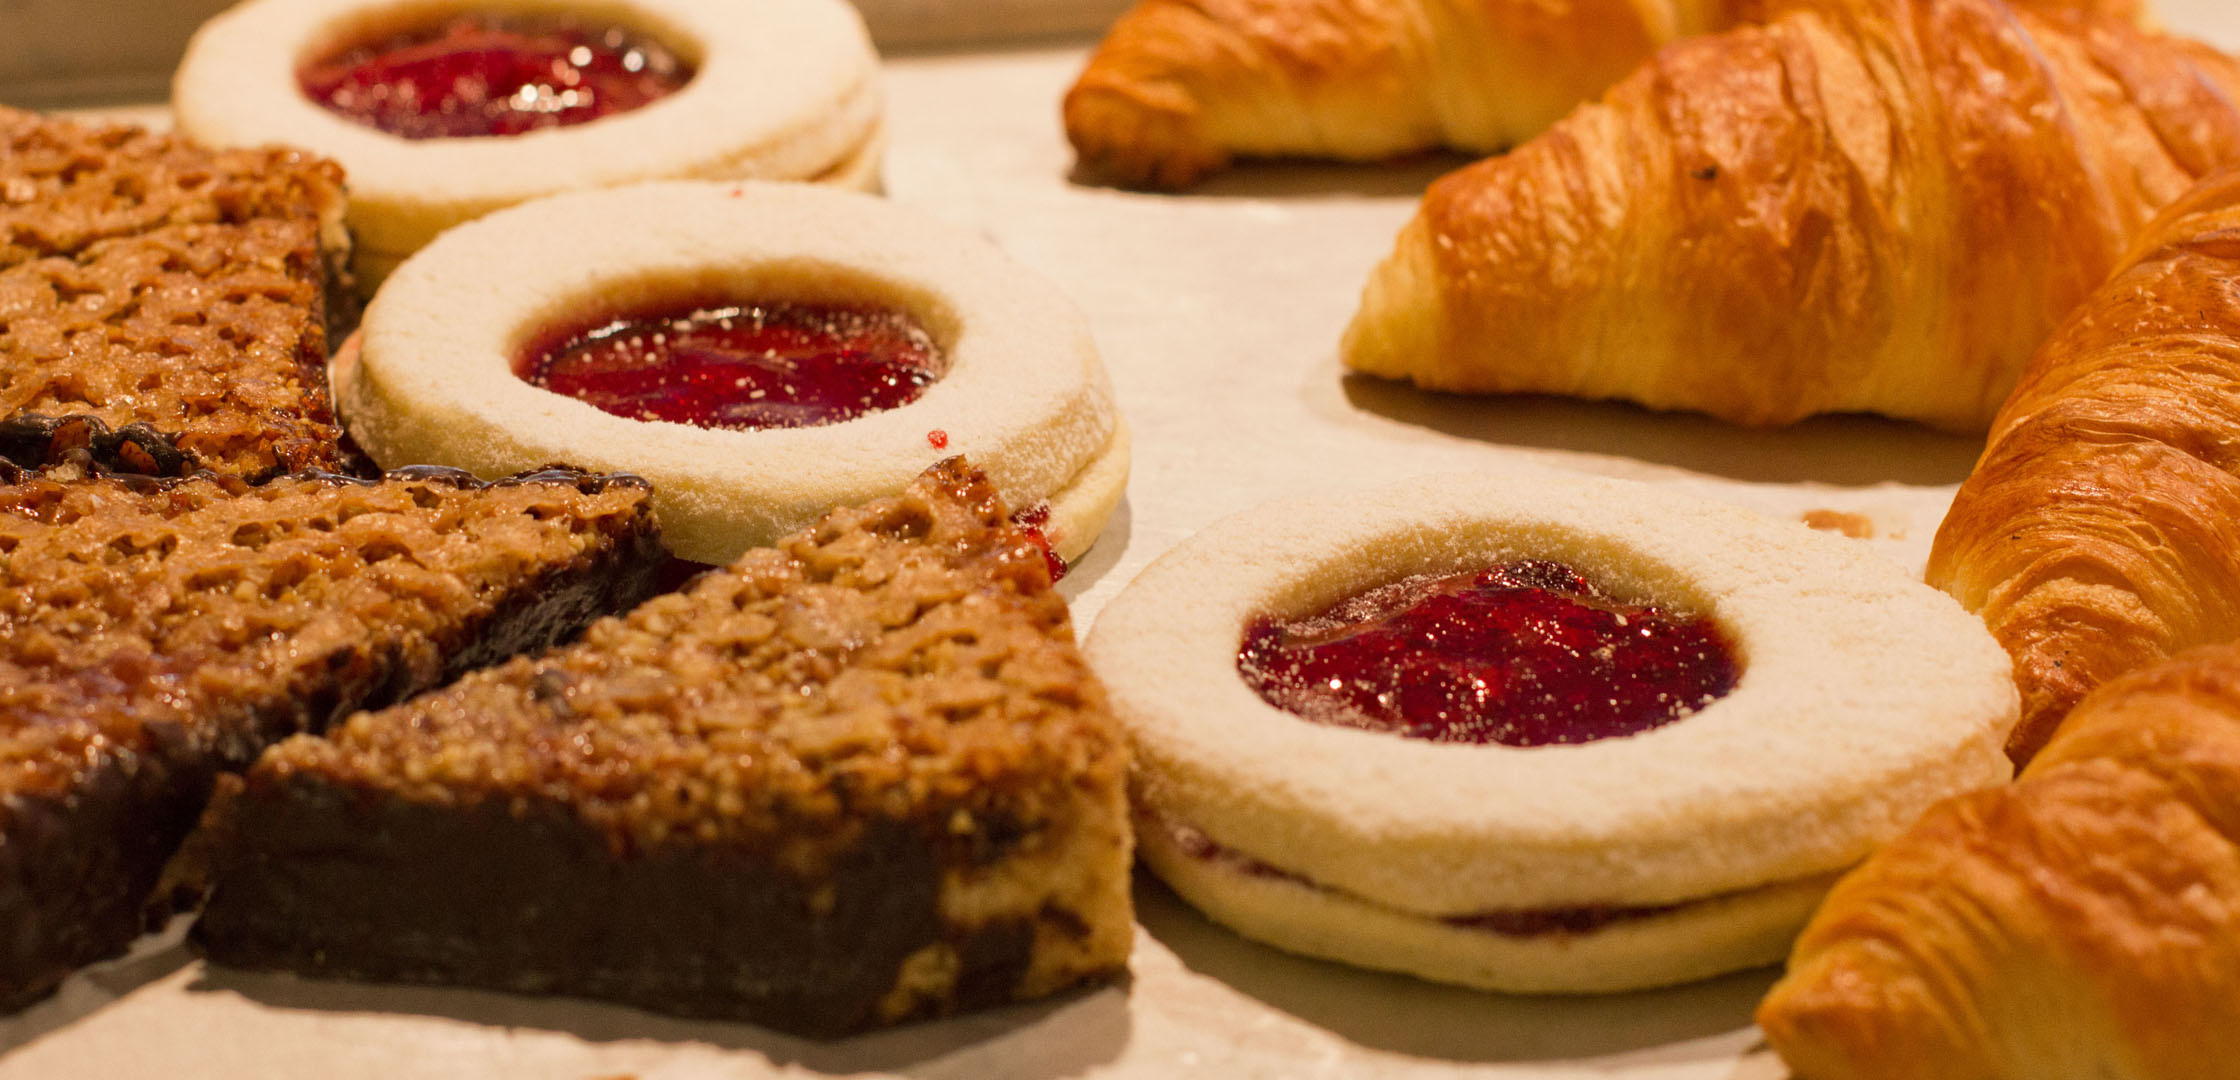 Nussecken, Plätzerl und Croissants